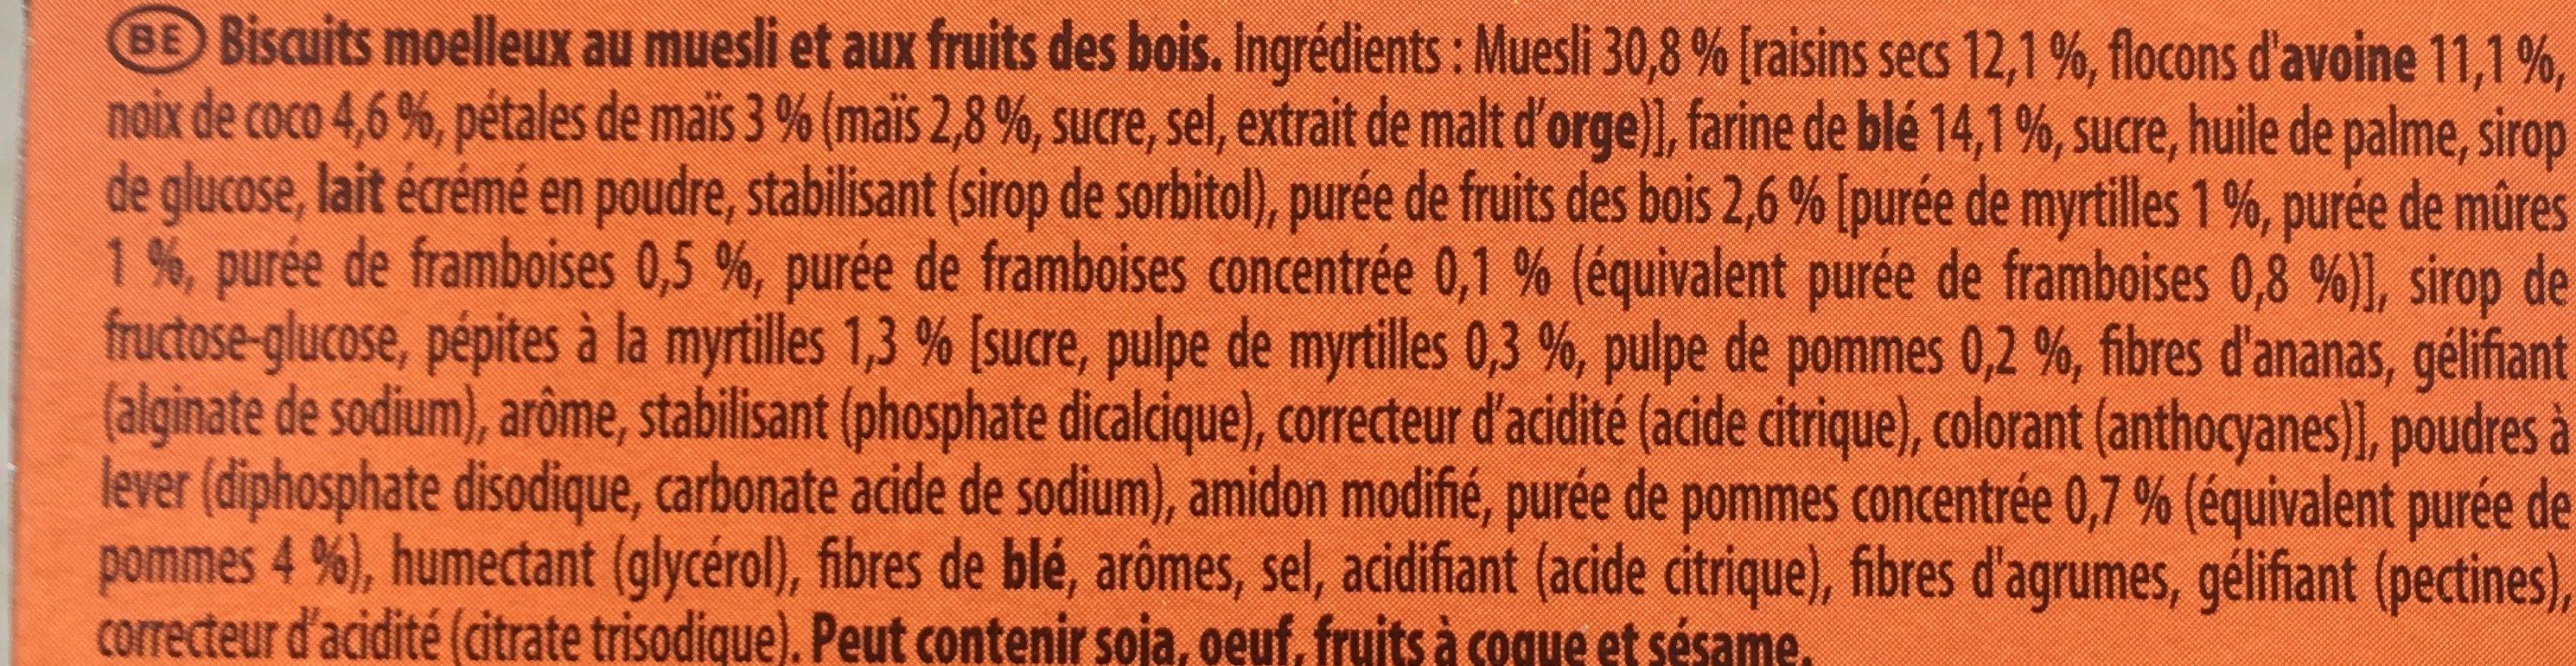 Moelleux Fruits des Bois - Ingrediënten - fr